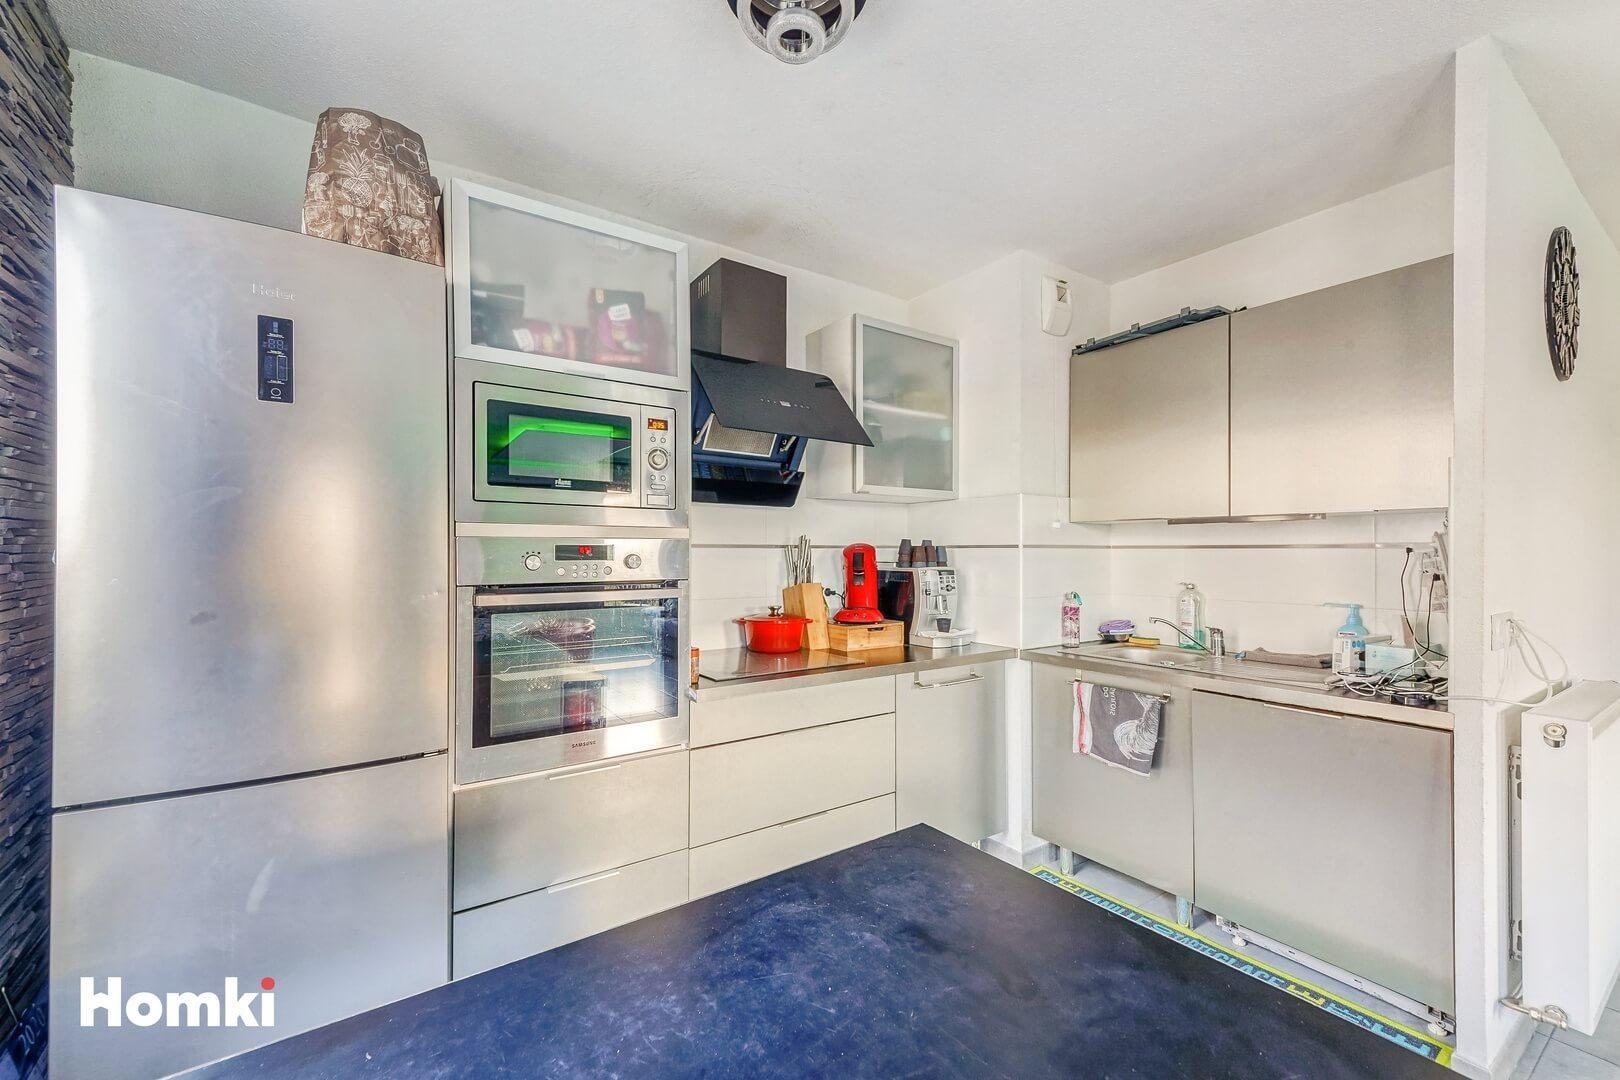 Homki - Vente Appartement  de 65.0 m² à Marseille 13013